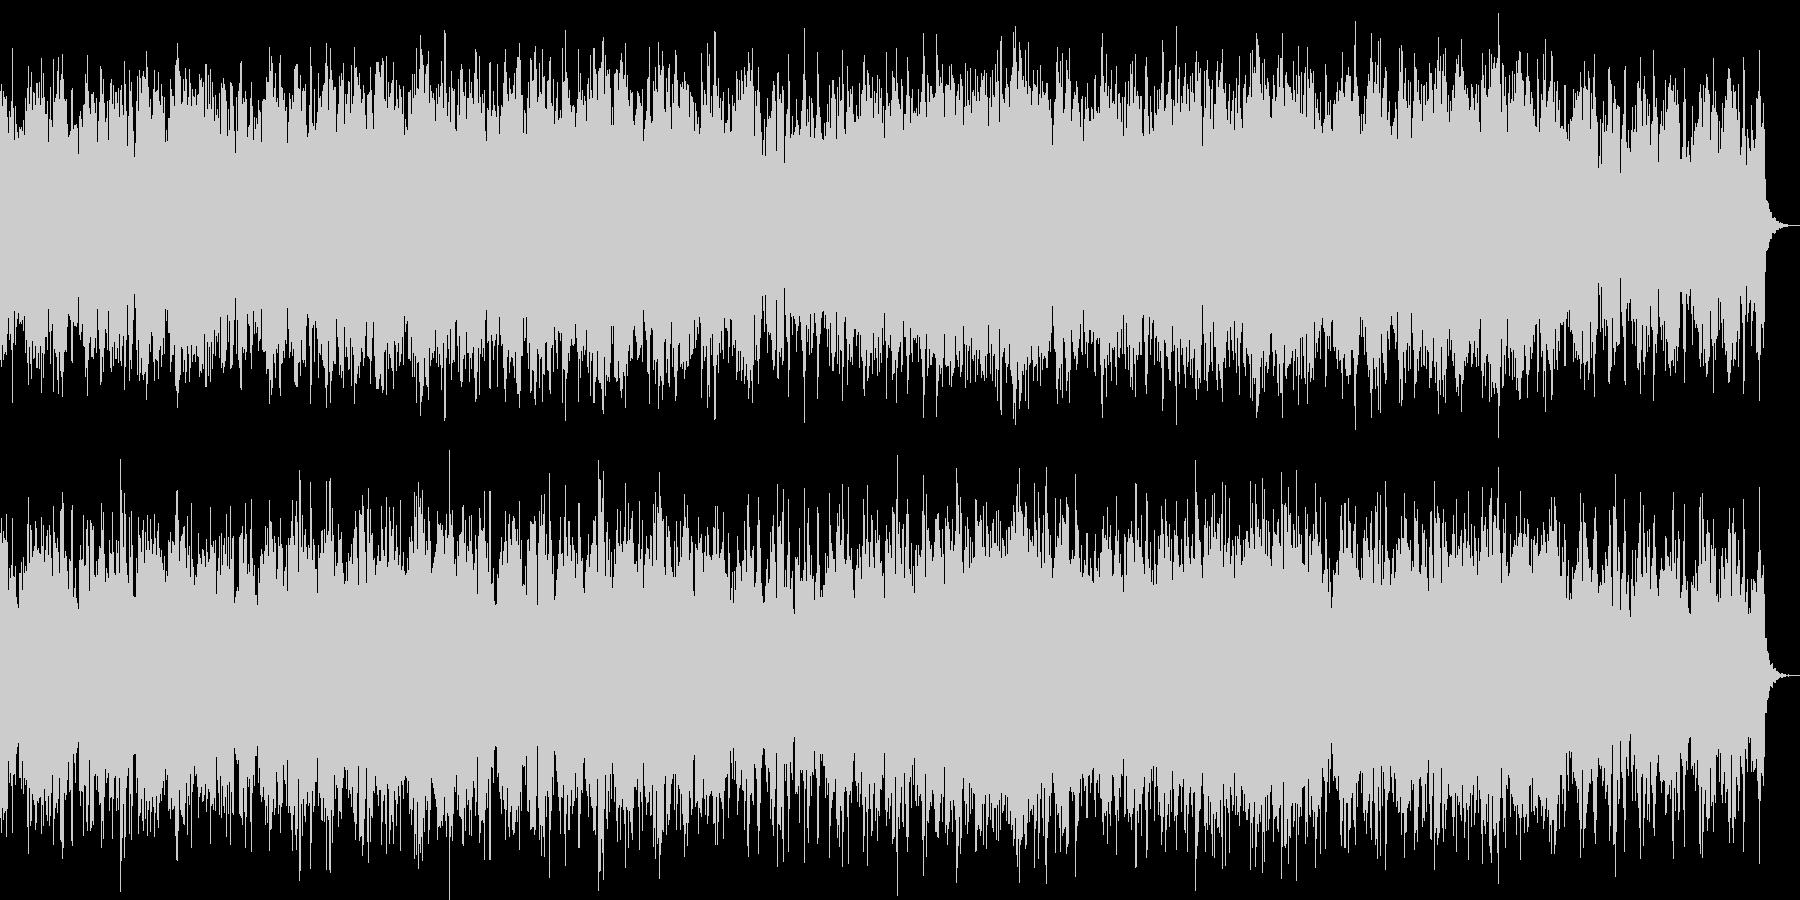 伸びやかなリラクゼーションミュージックの未再生の波形